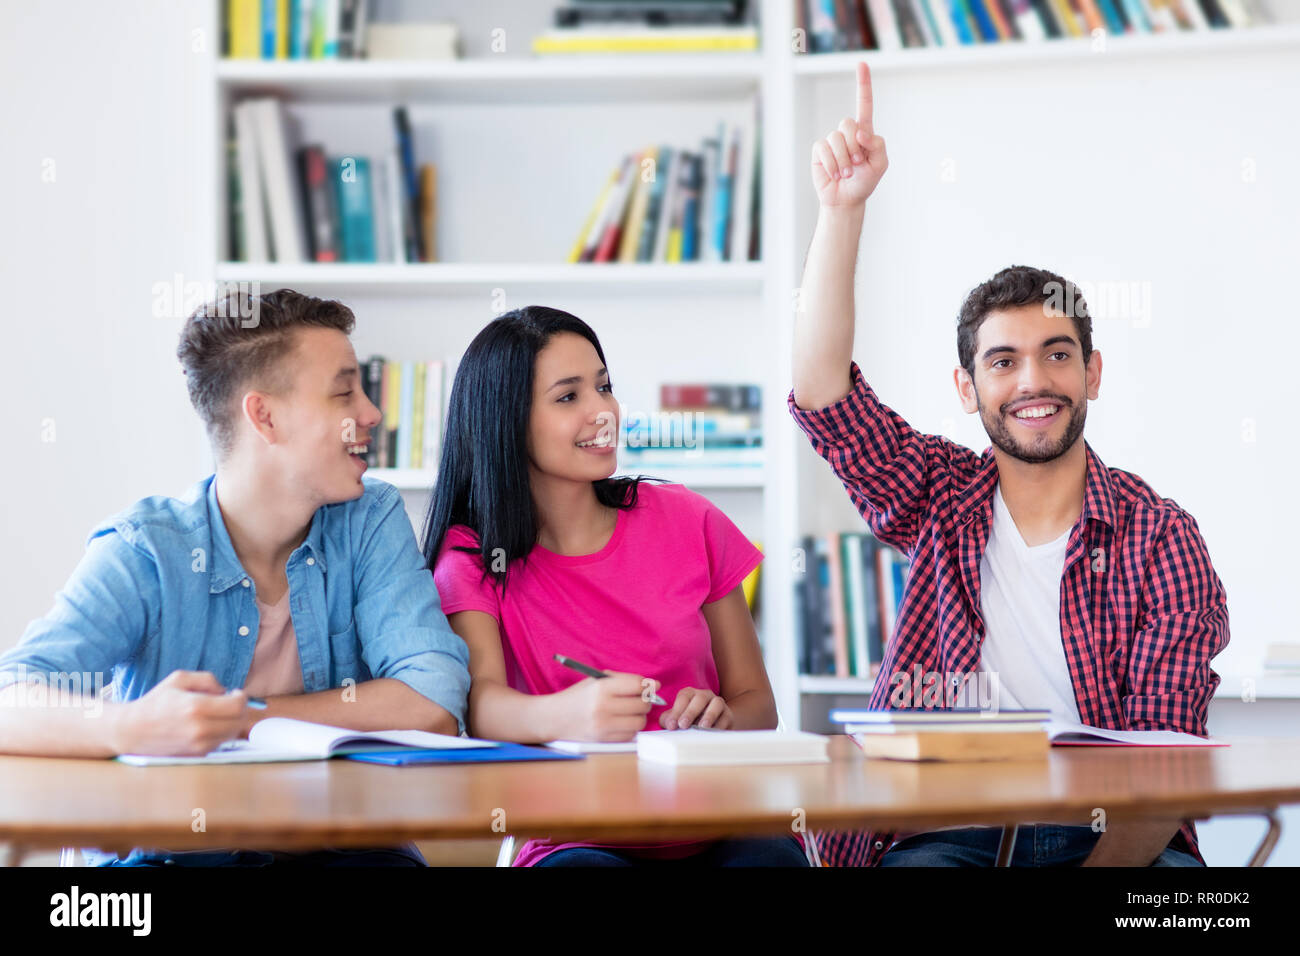 Laughing estudiante varón levantando la mano en el aula de la escuela Imagen De Stock